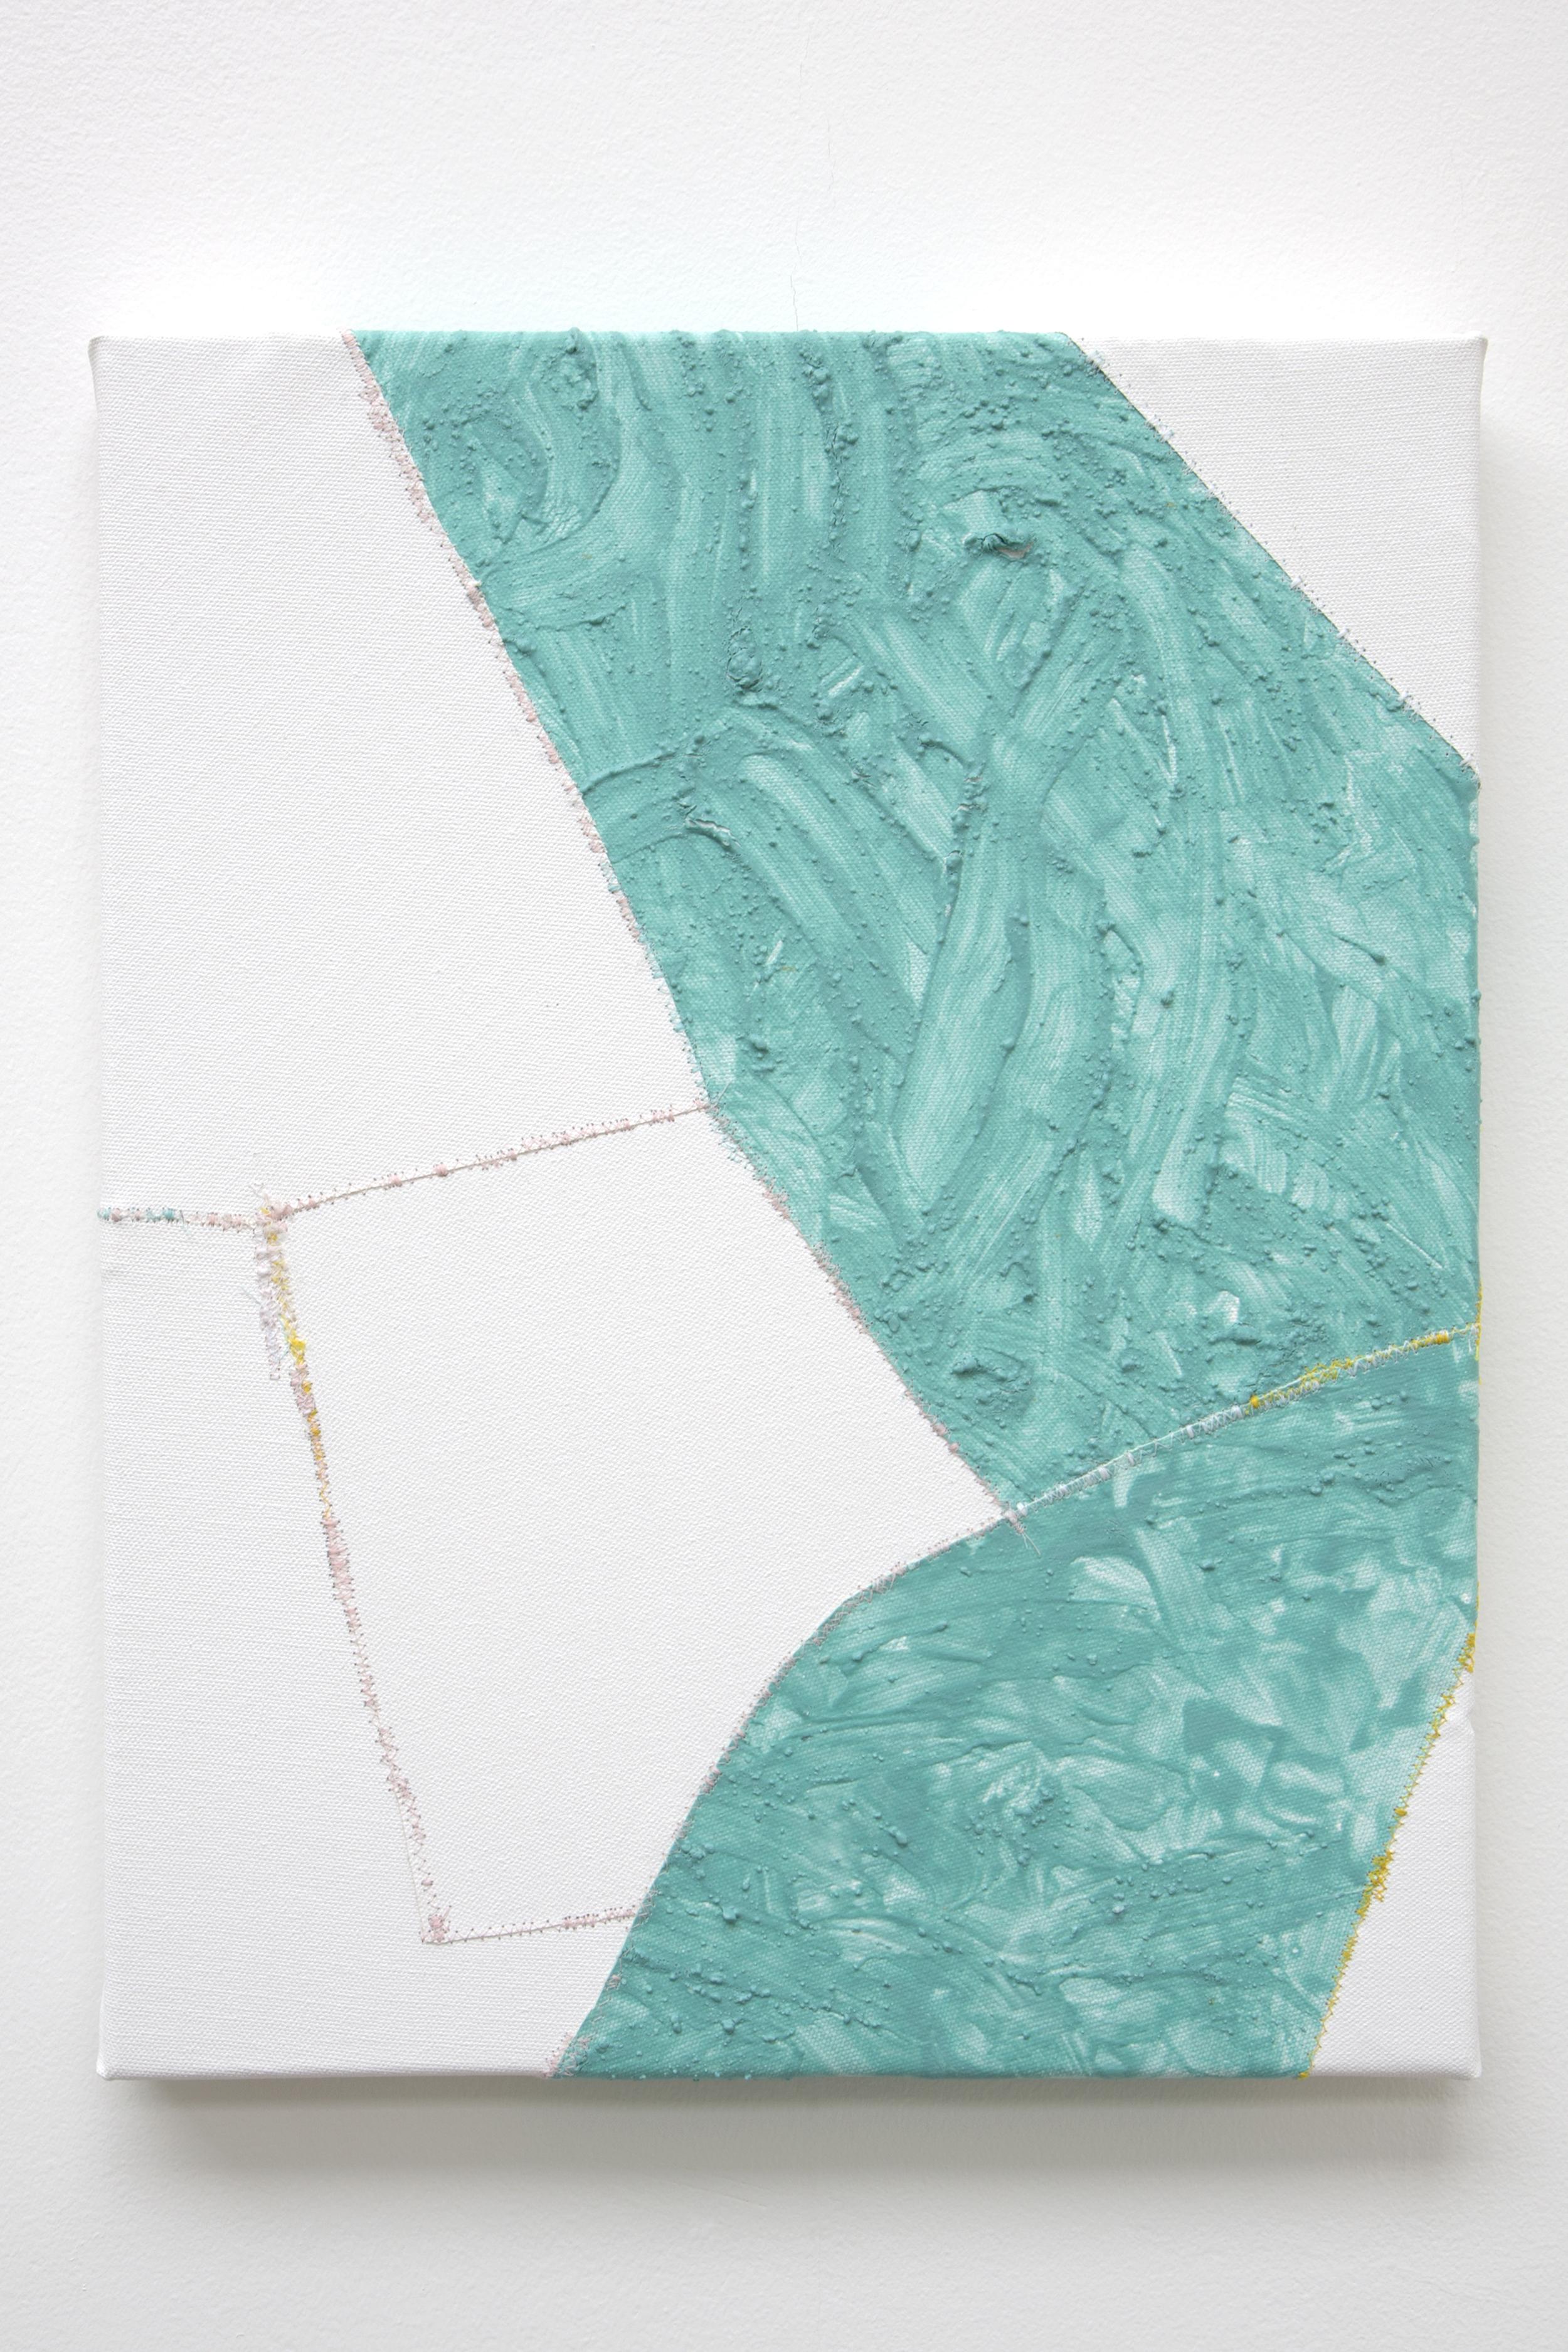 Alate , oil and thread on canvas, 36 x 46 cm, 2016  .